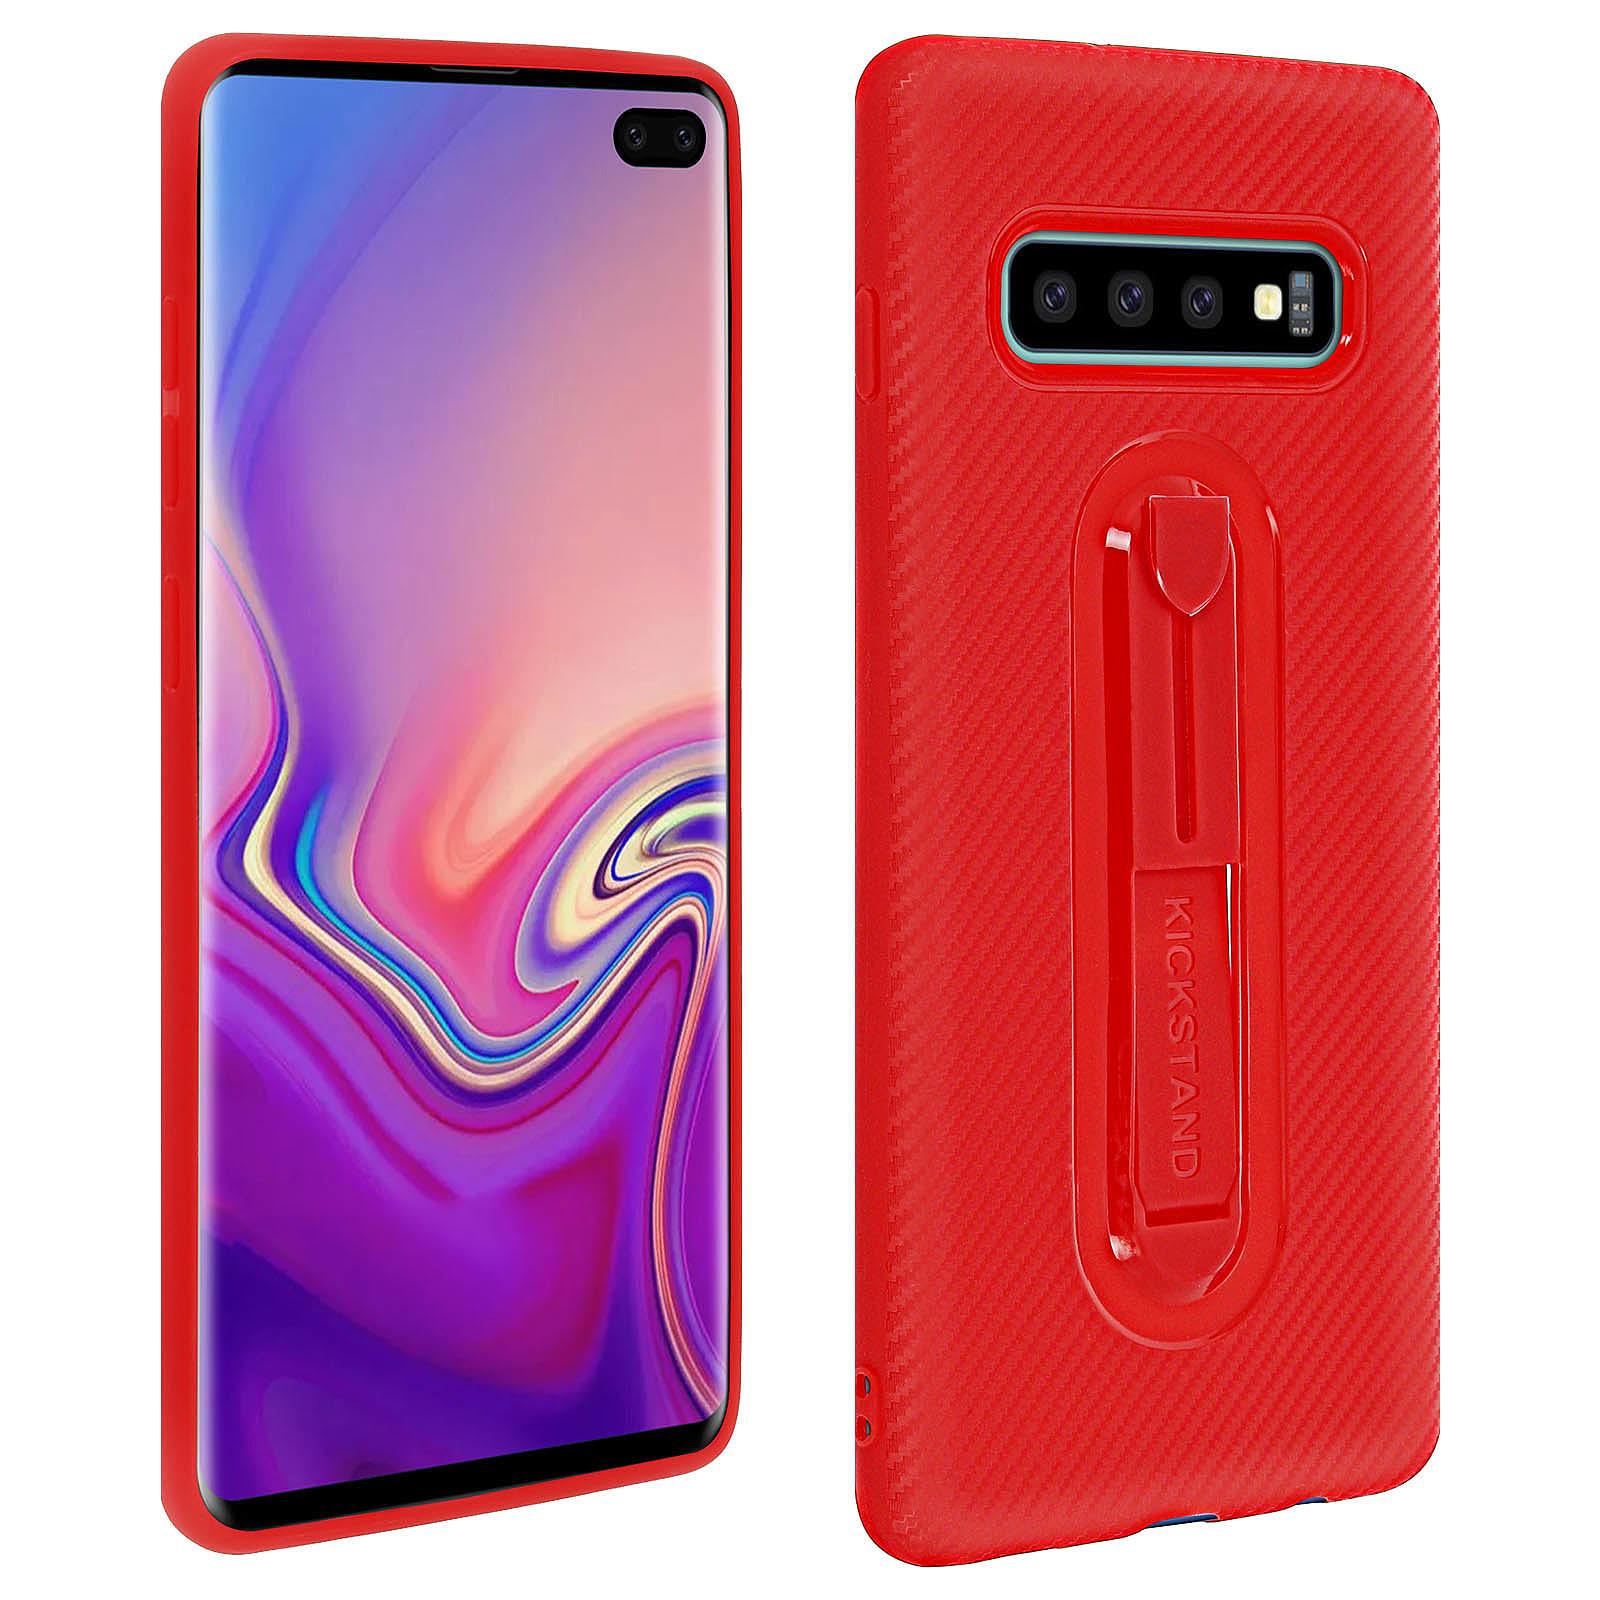 Avizar Coque Rouge pour Samsung Galaxy S10 Plus